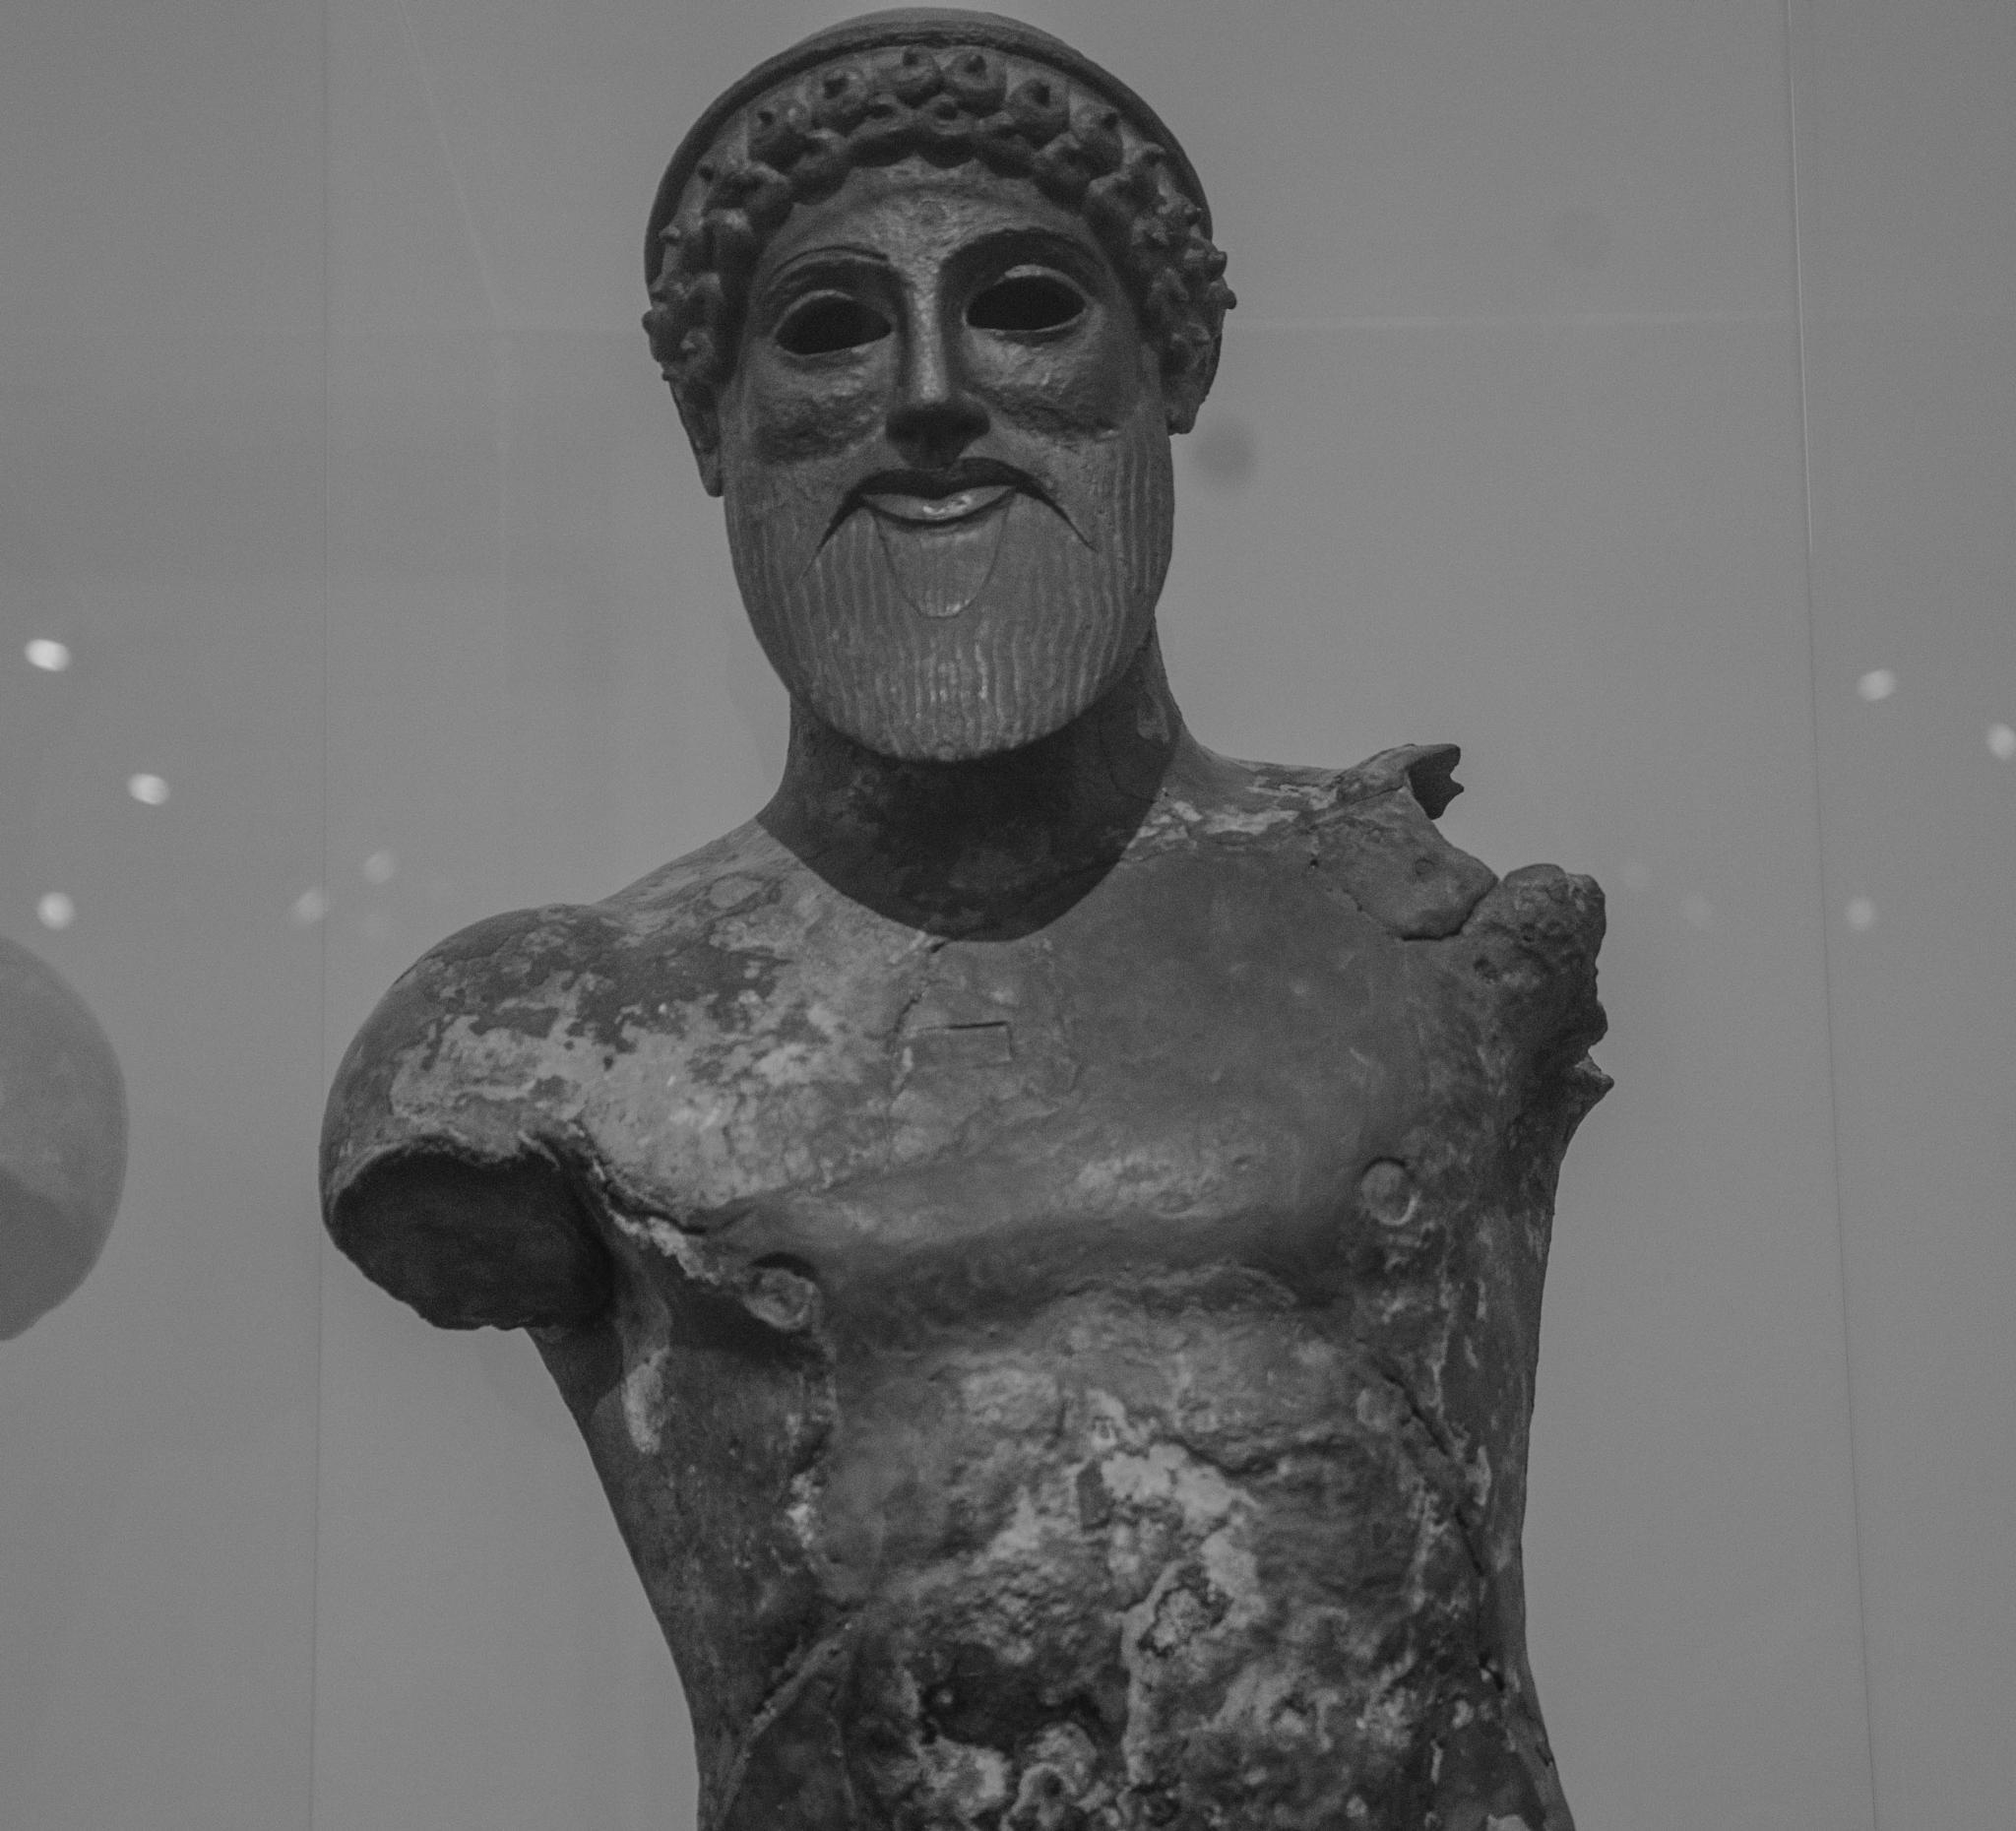 ανδρας απο ορείχαλκο 2014/man of brass 2014 by yiannis.lazaris